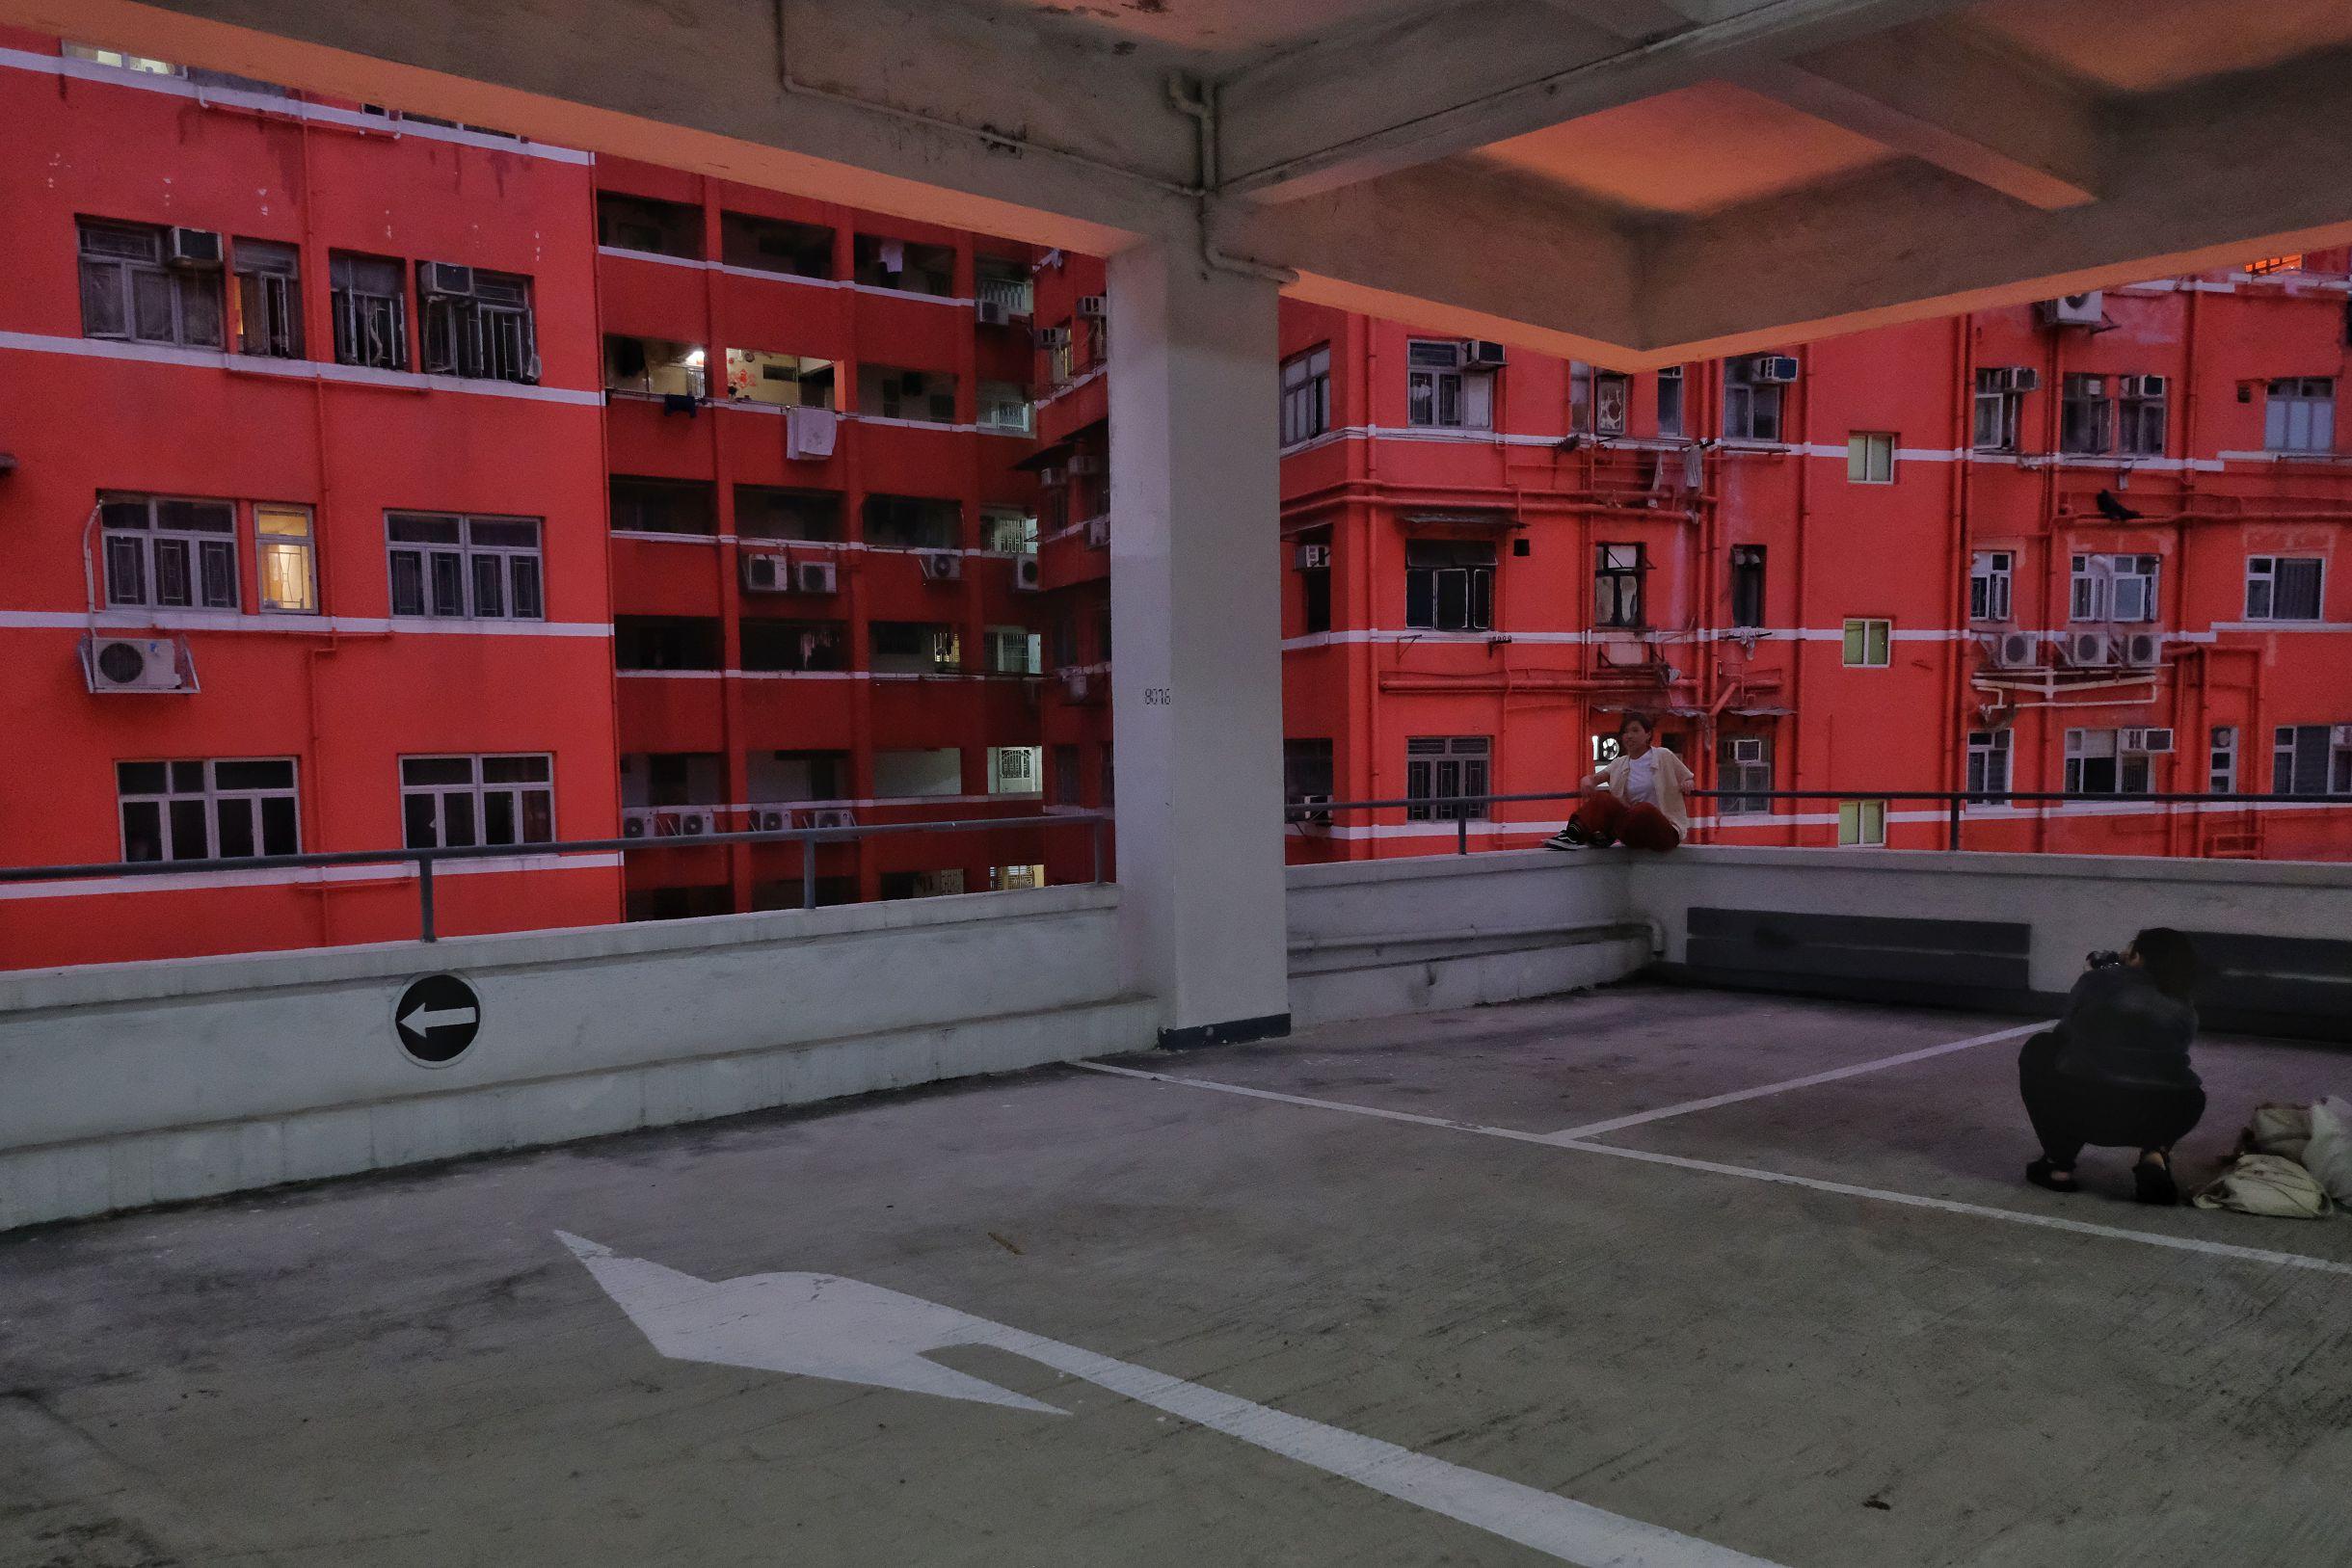 由明年1月1日起,停車場將全面封閉並終止營運。運輸署會適時公布下一階段的封閉安排。(點新聞記者麥鈞傑攝)